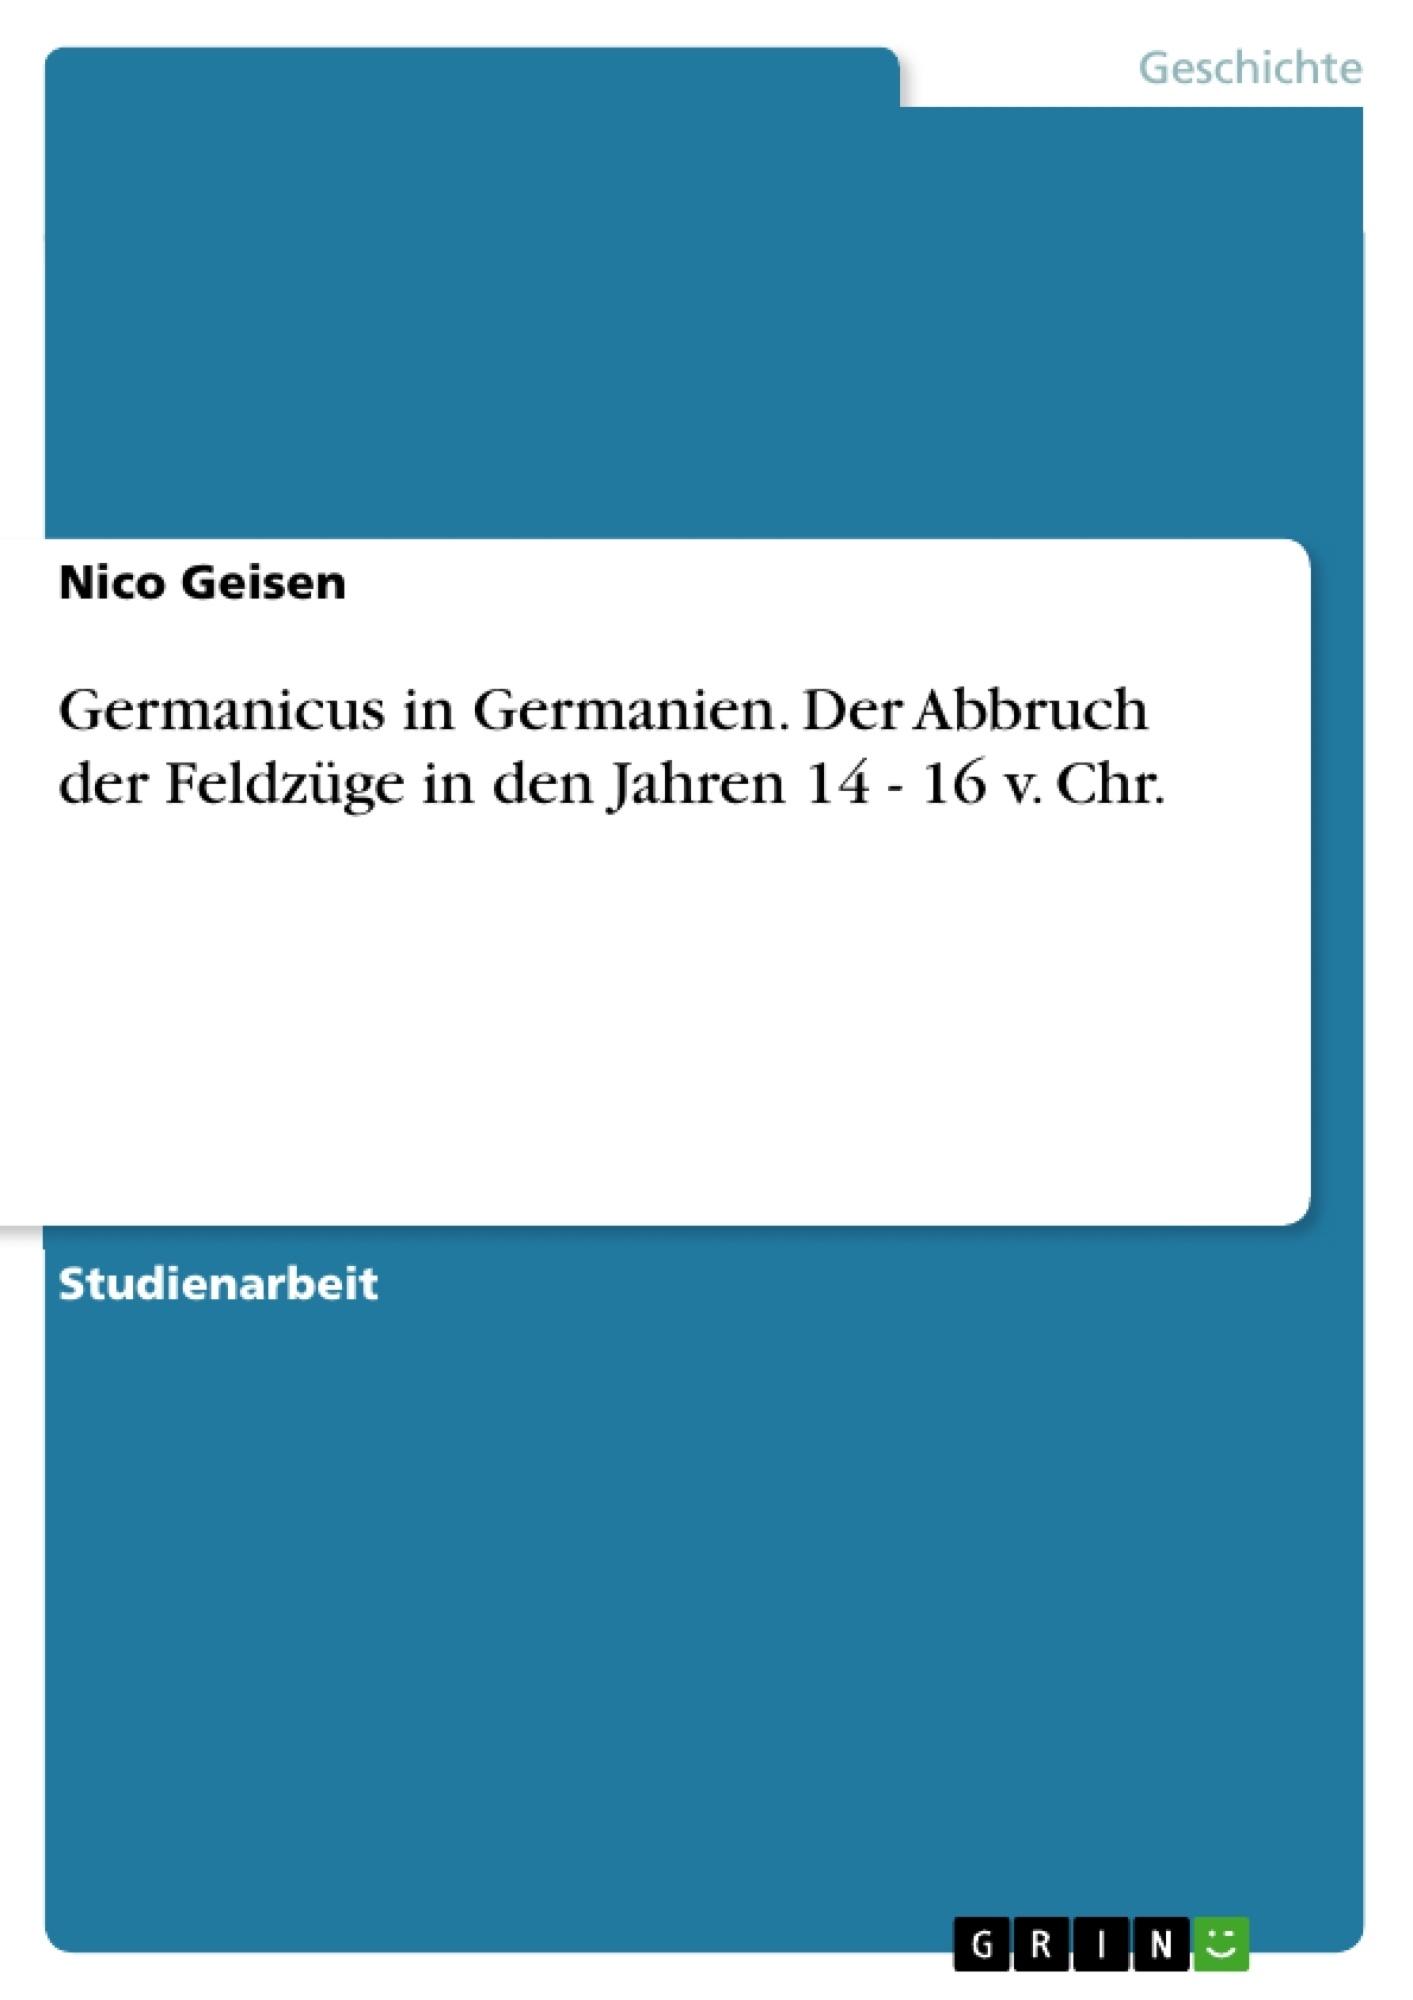 Titel: Germanicus in Germanien. Der Abbruch der Feldzüge in den Jahren 14 - 16 v. Chr.